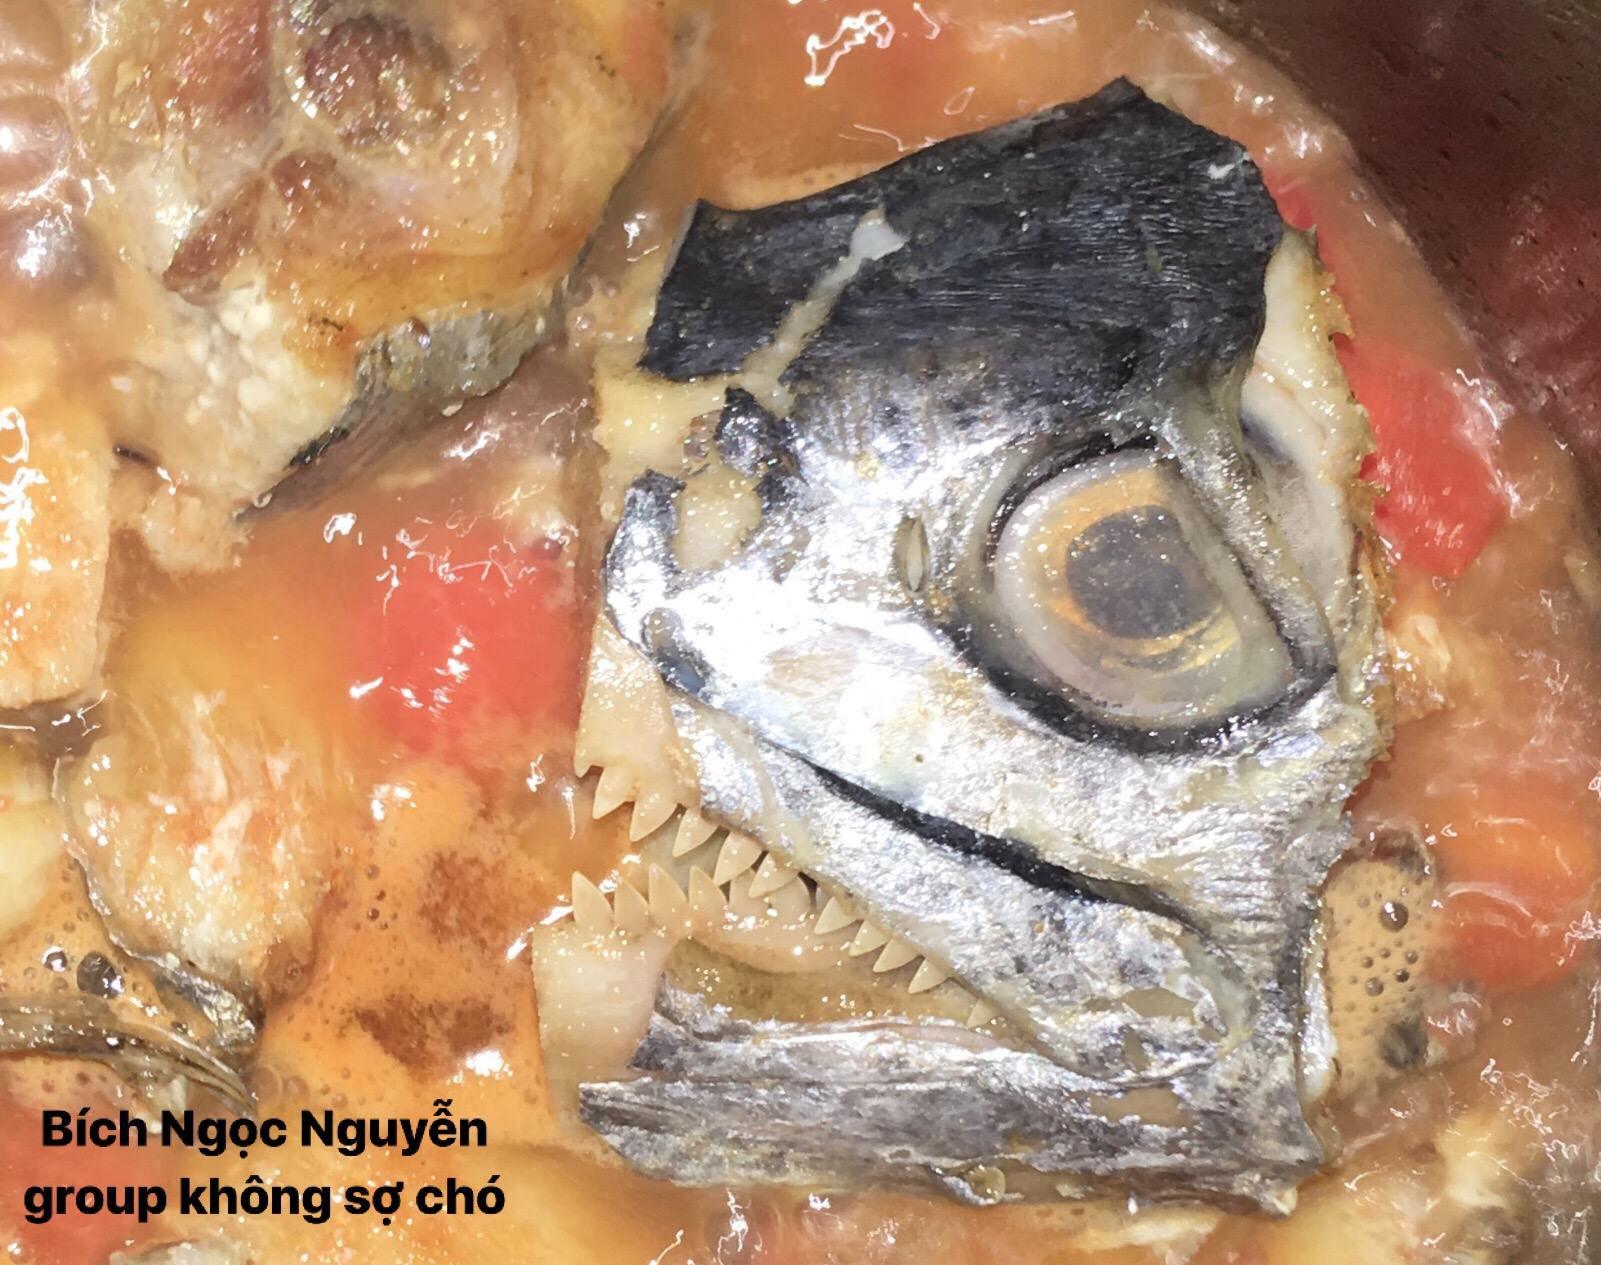 Góc đảm đang: Xuất hiện món cá thu tử thần trên MXH, phải là người dũng cảm mới ăn được - Ảnh 2.